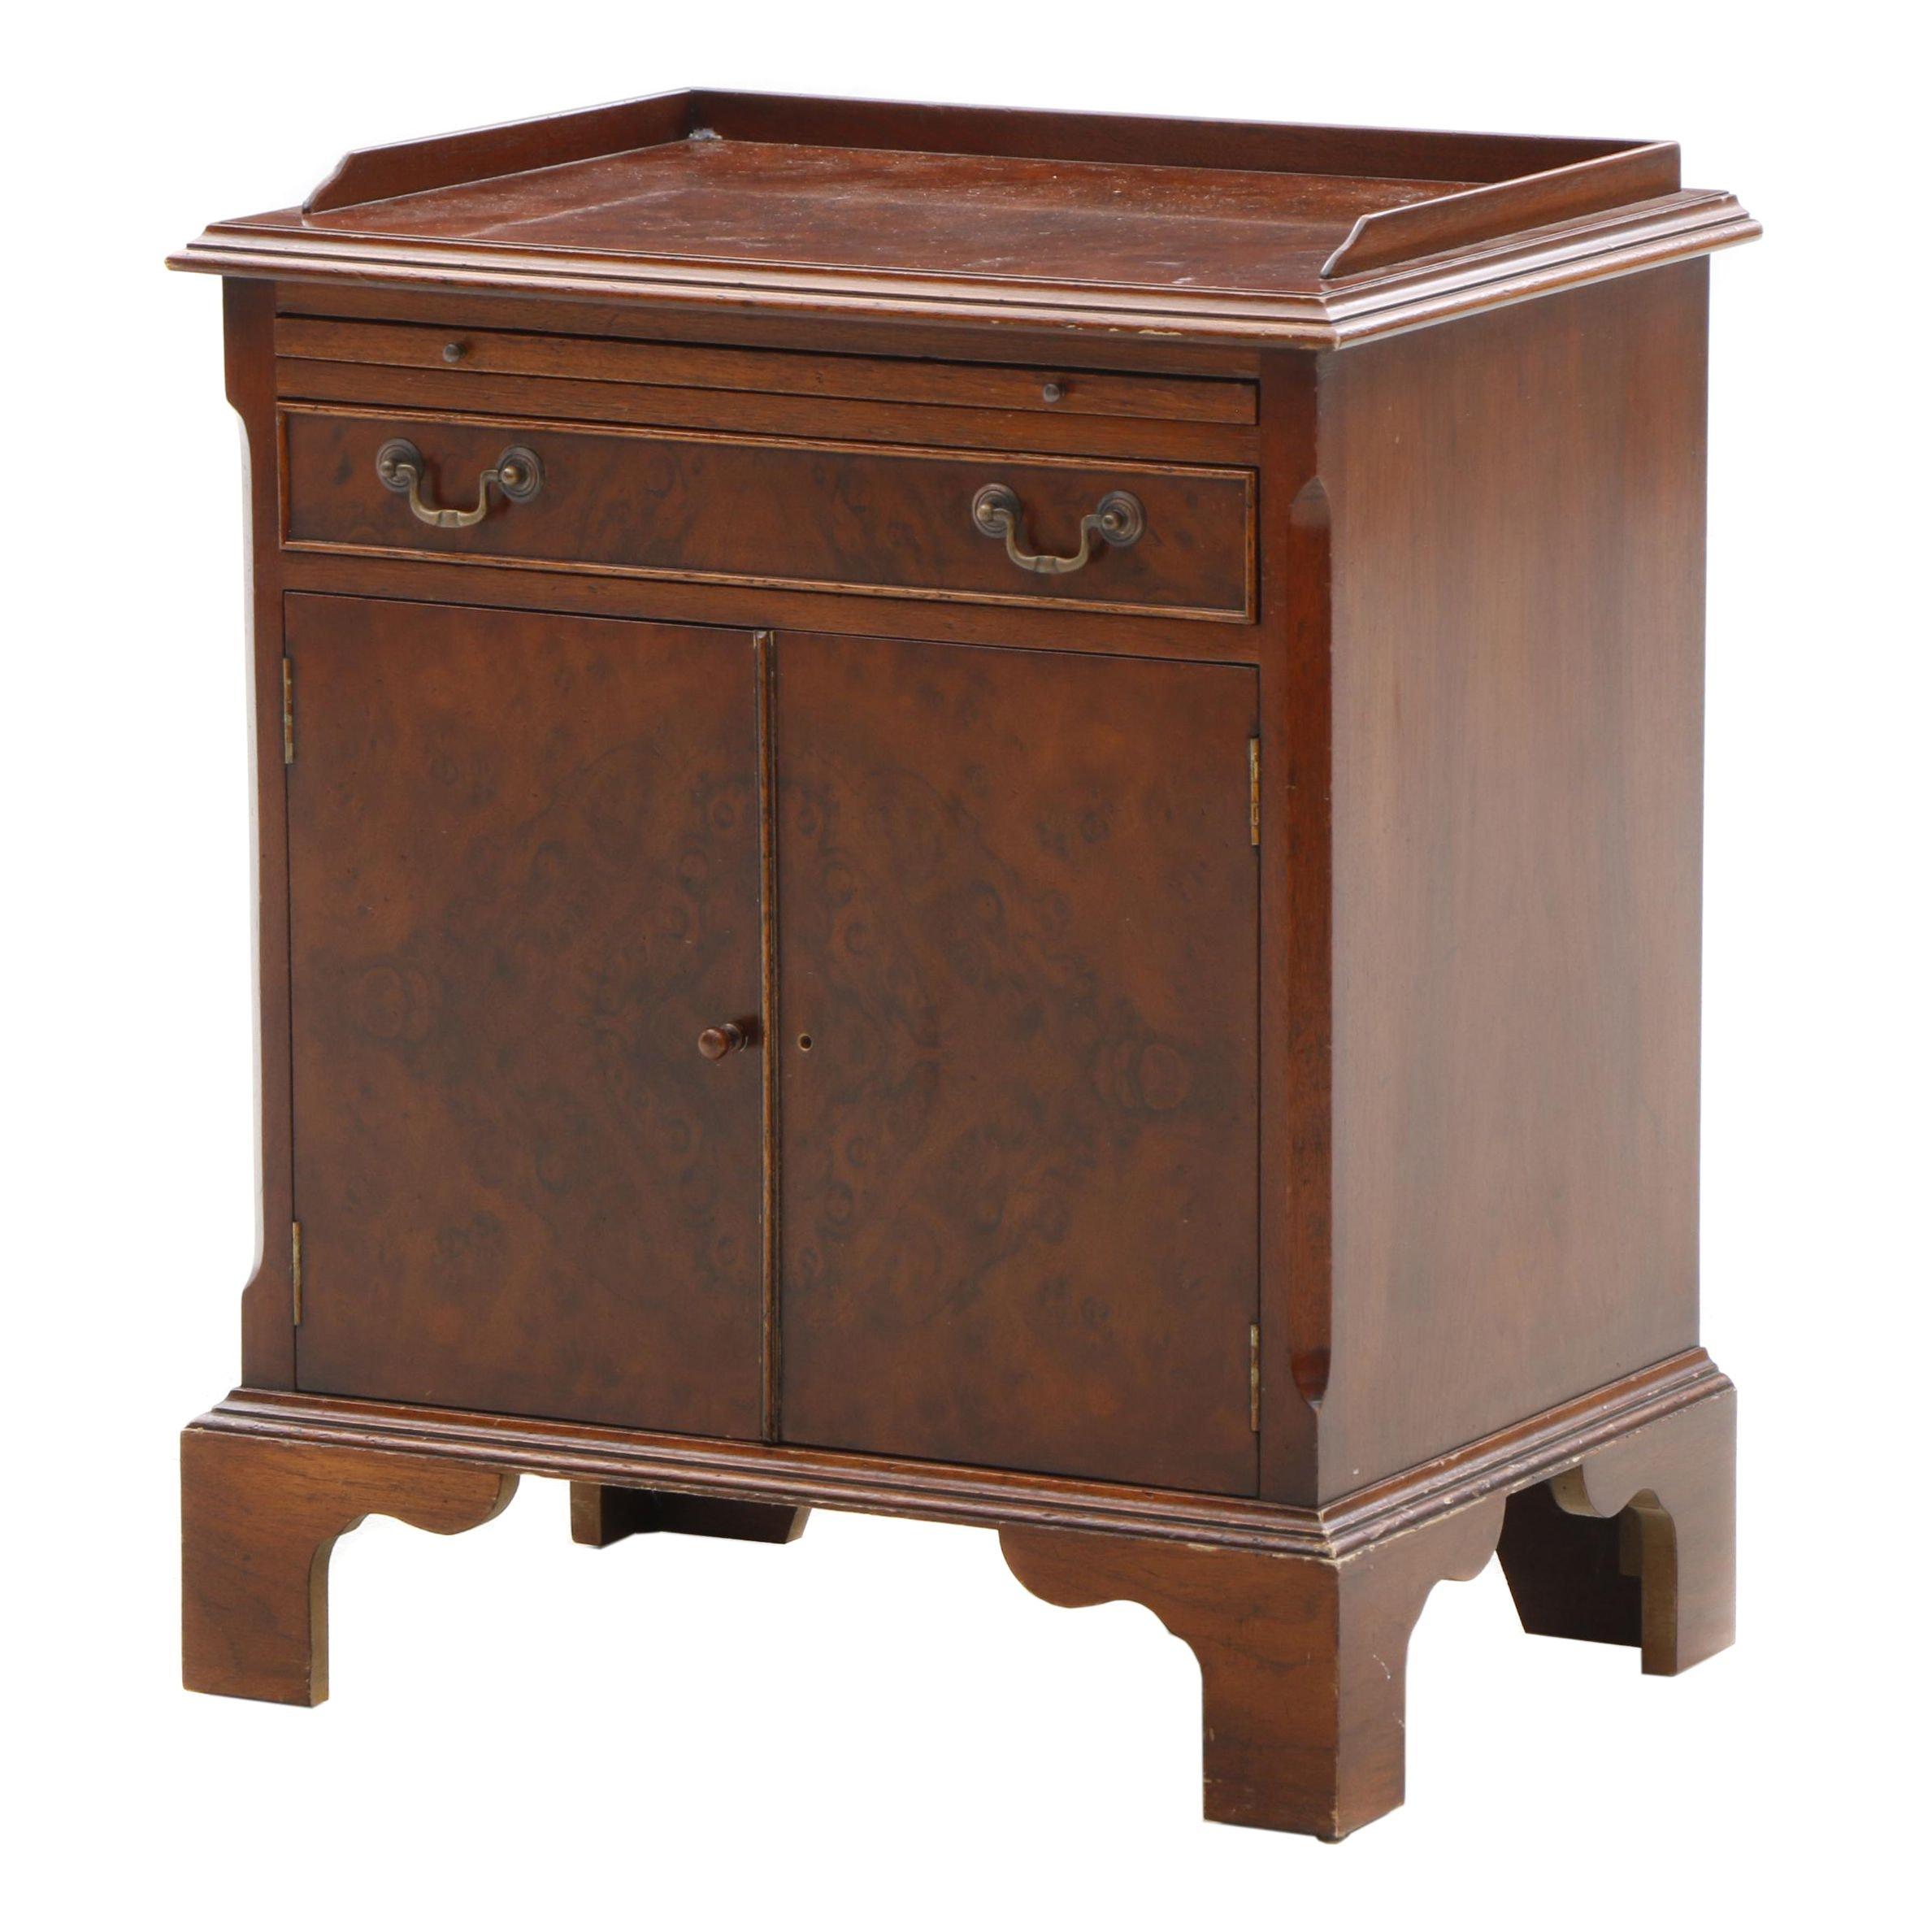 Burlwood Veneer Batchelor's Cabinet